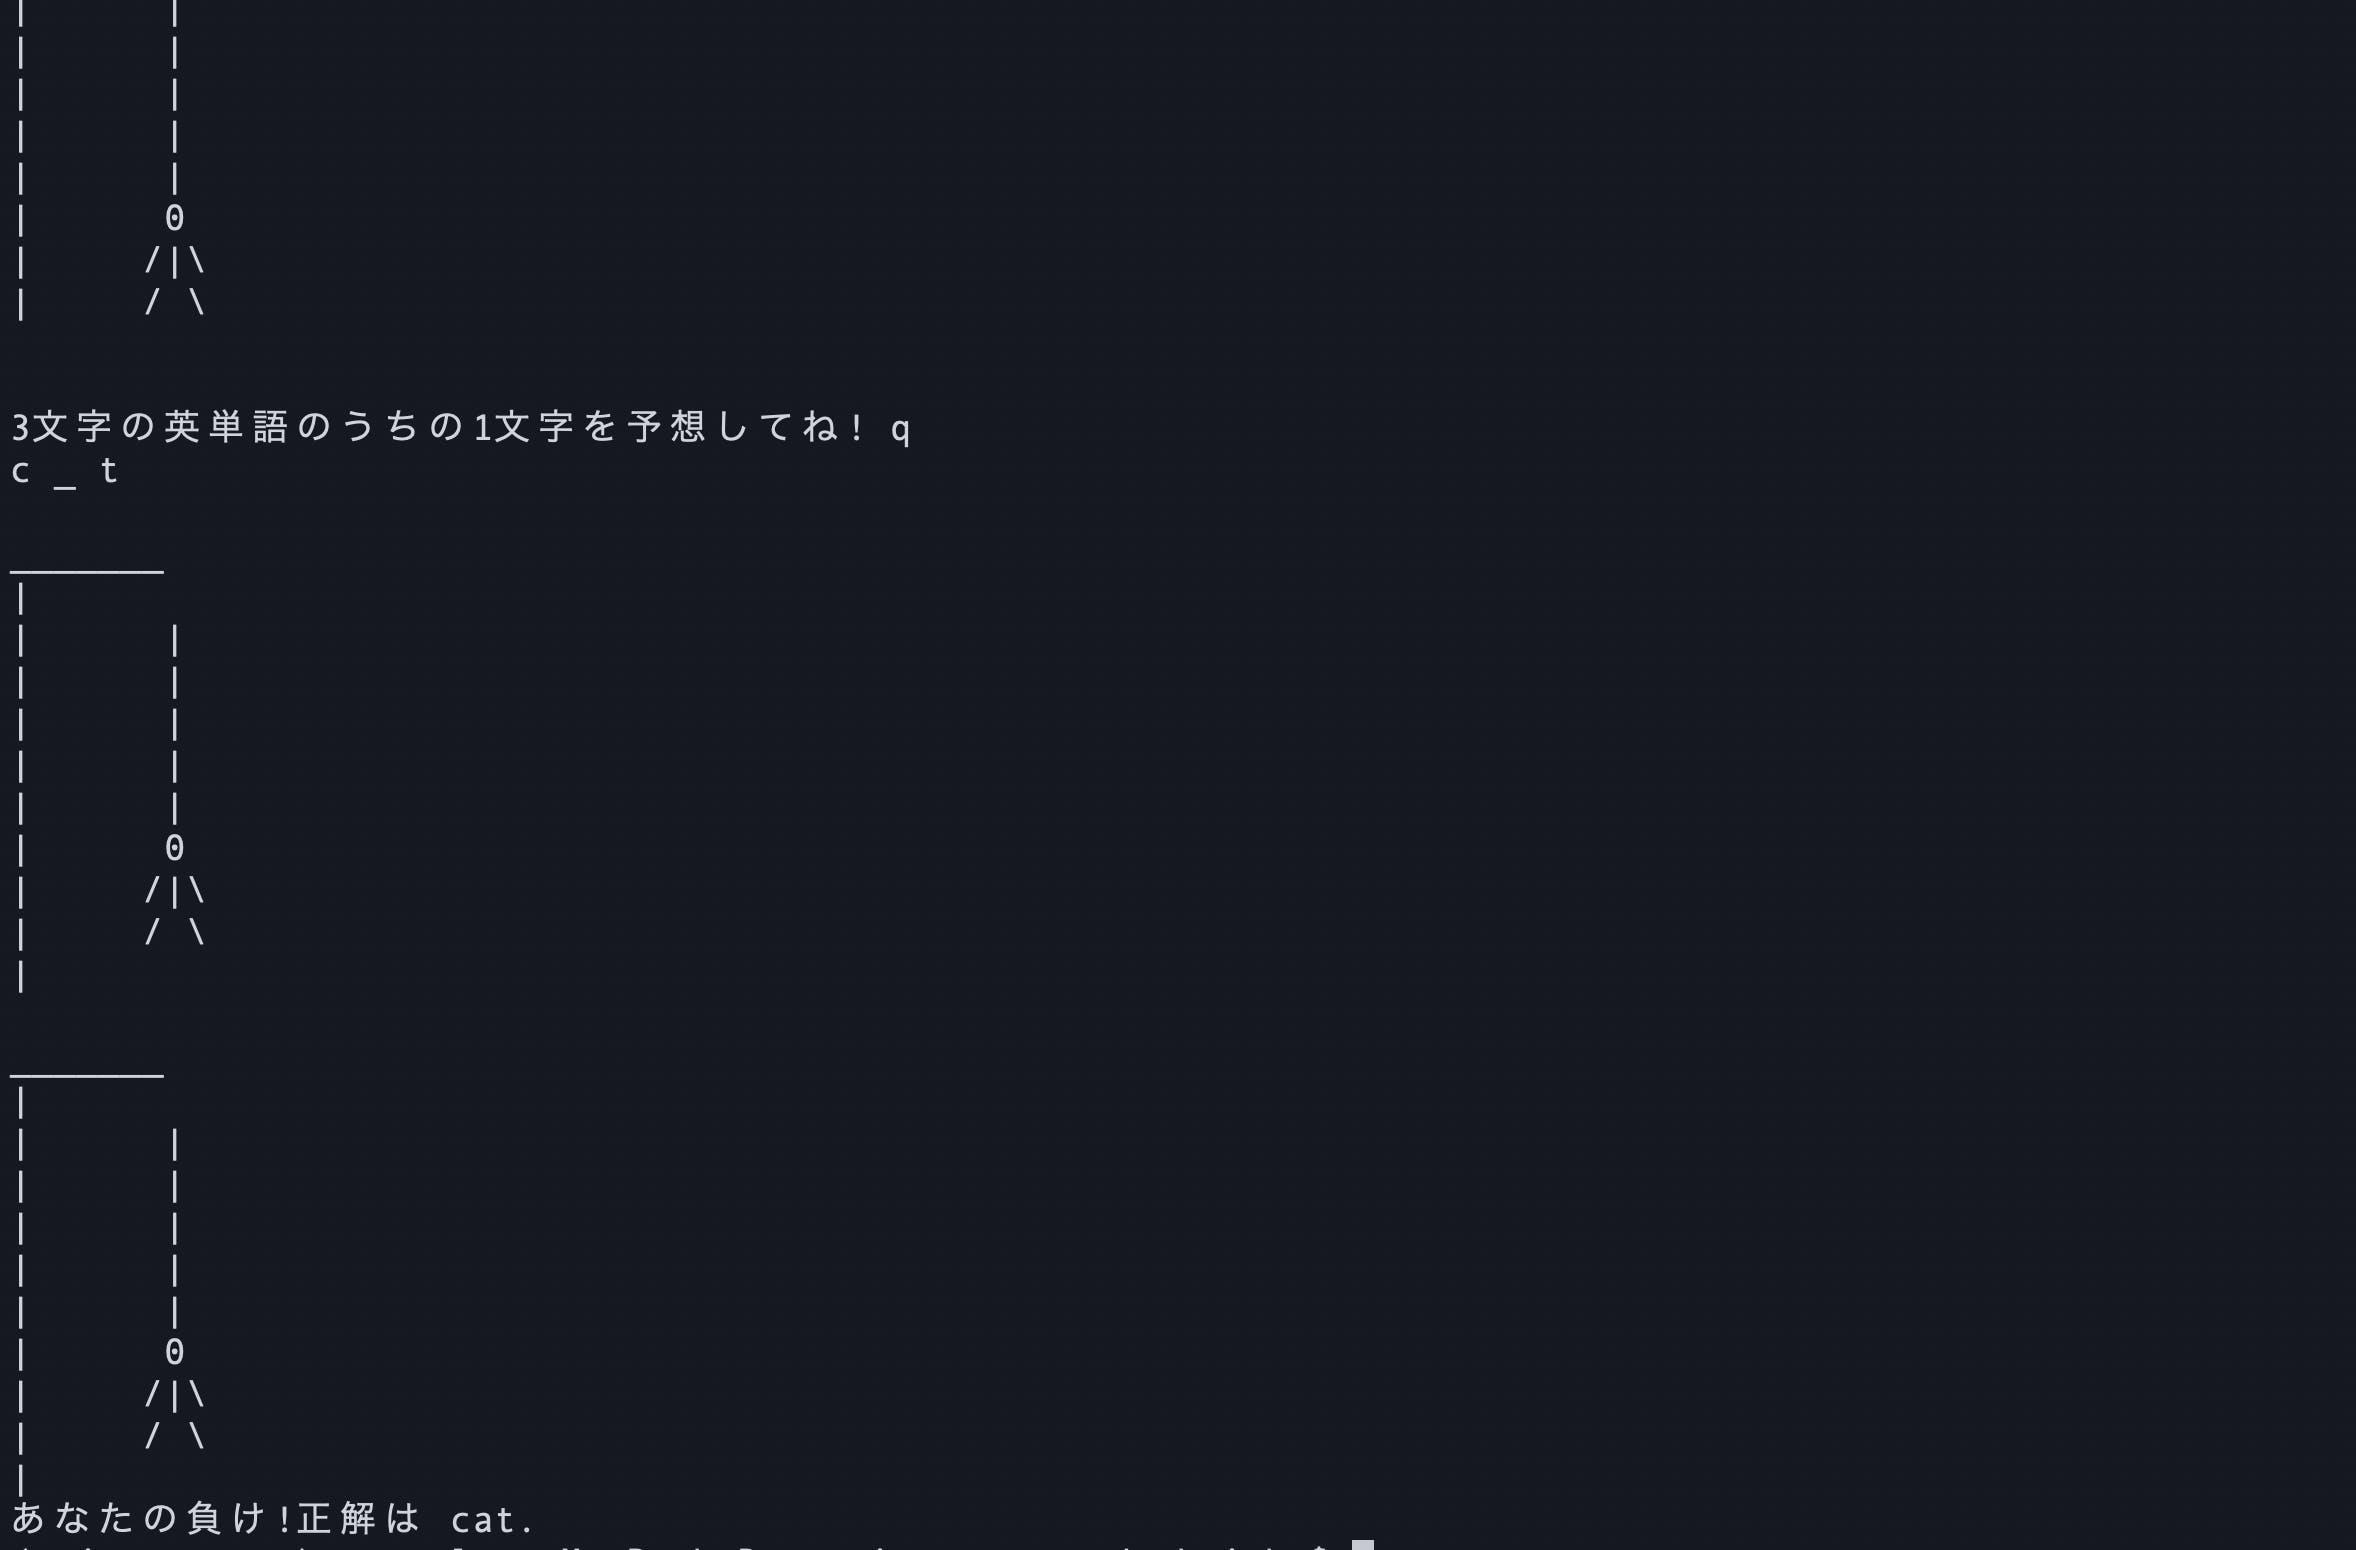 スクリーンショット 2019-04-06 18.01.16.png